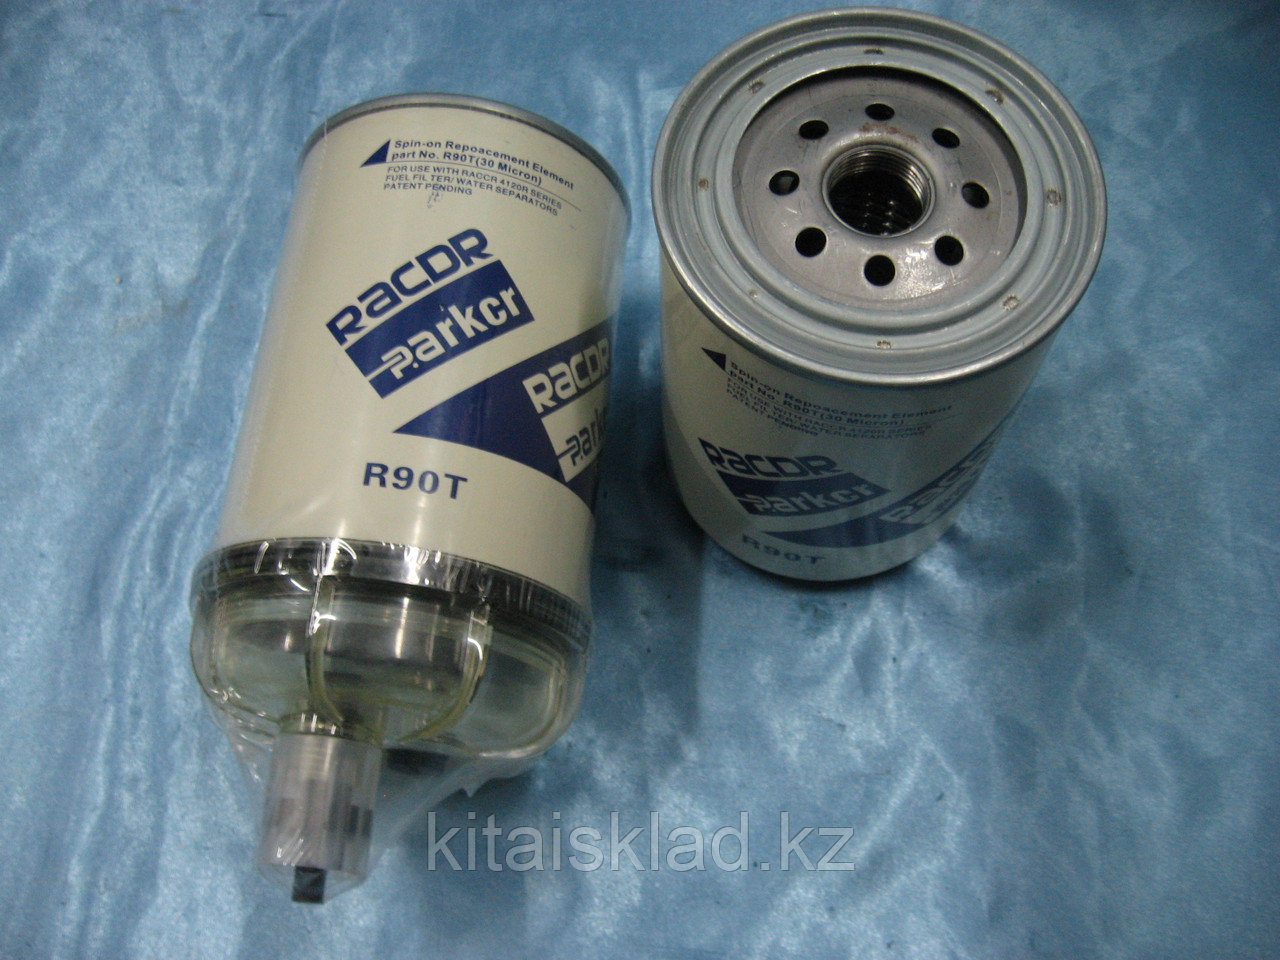 Фильтр топливный R-90T. FOTON AUMARK